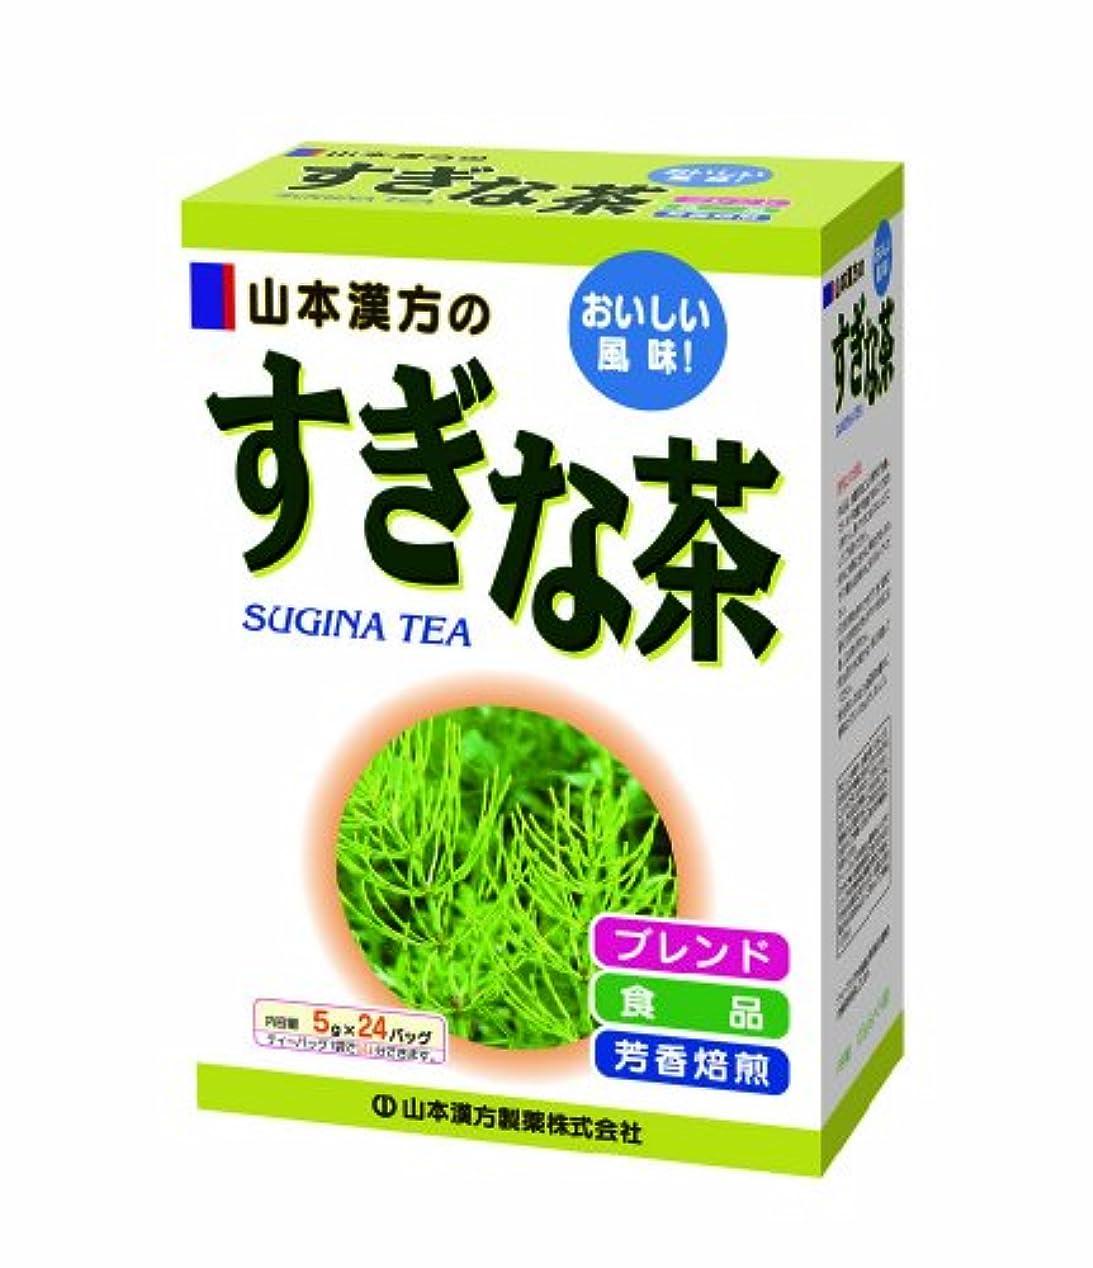 南極埋め込むスパン山本漢方製薬 すぎな茶 5gX24H